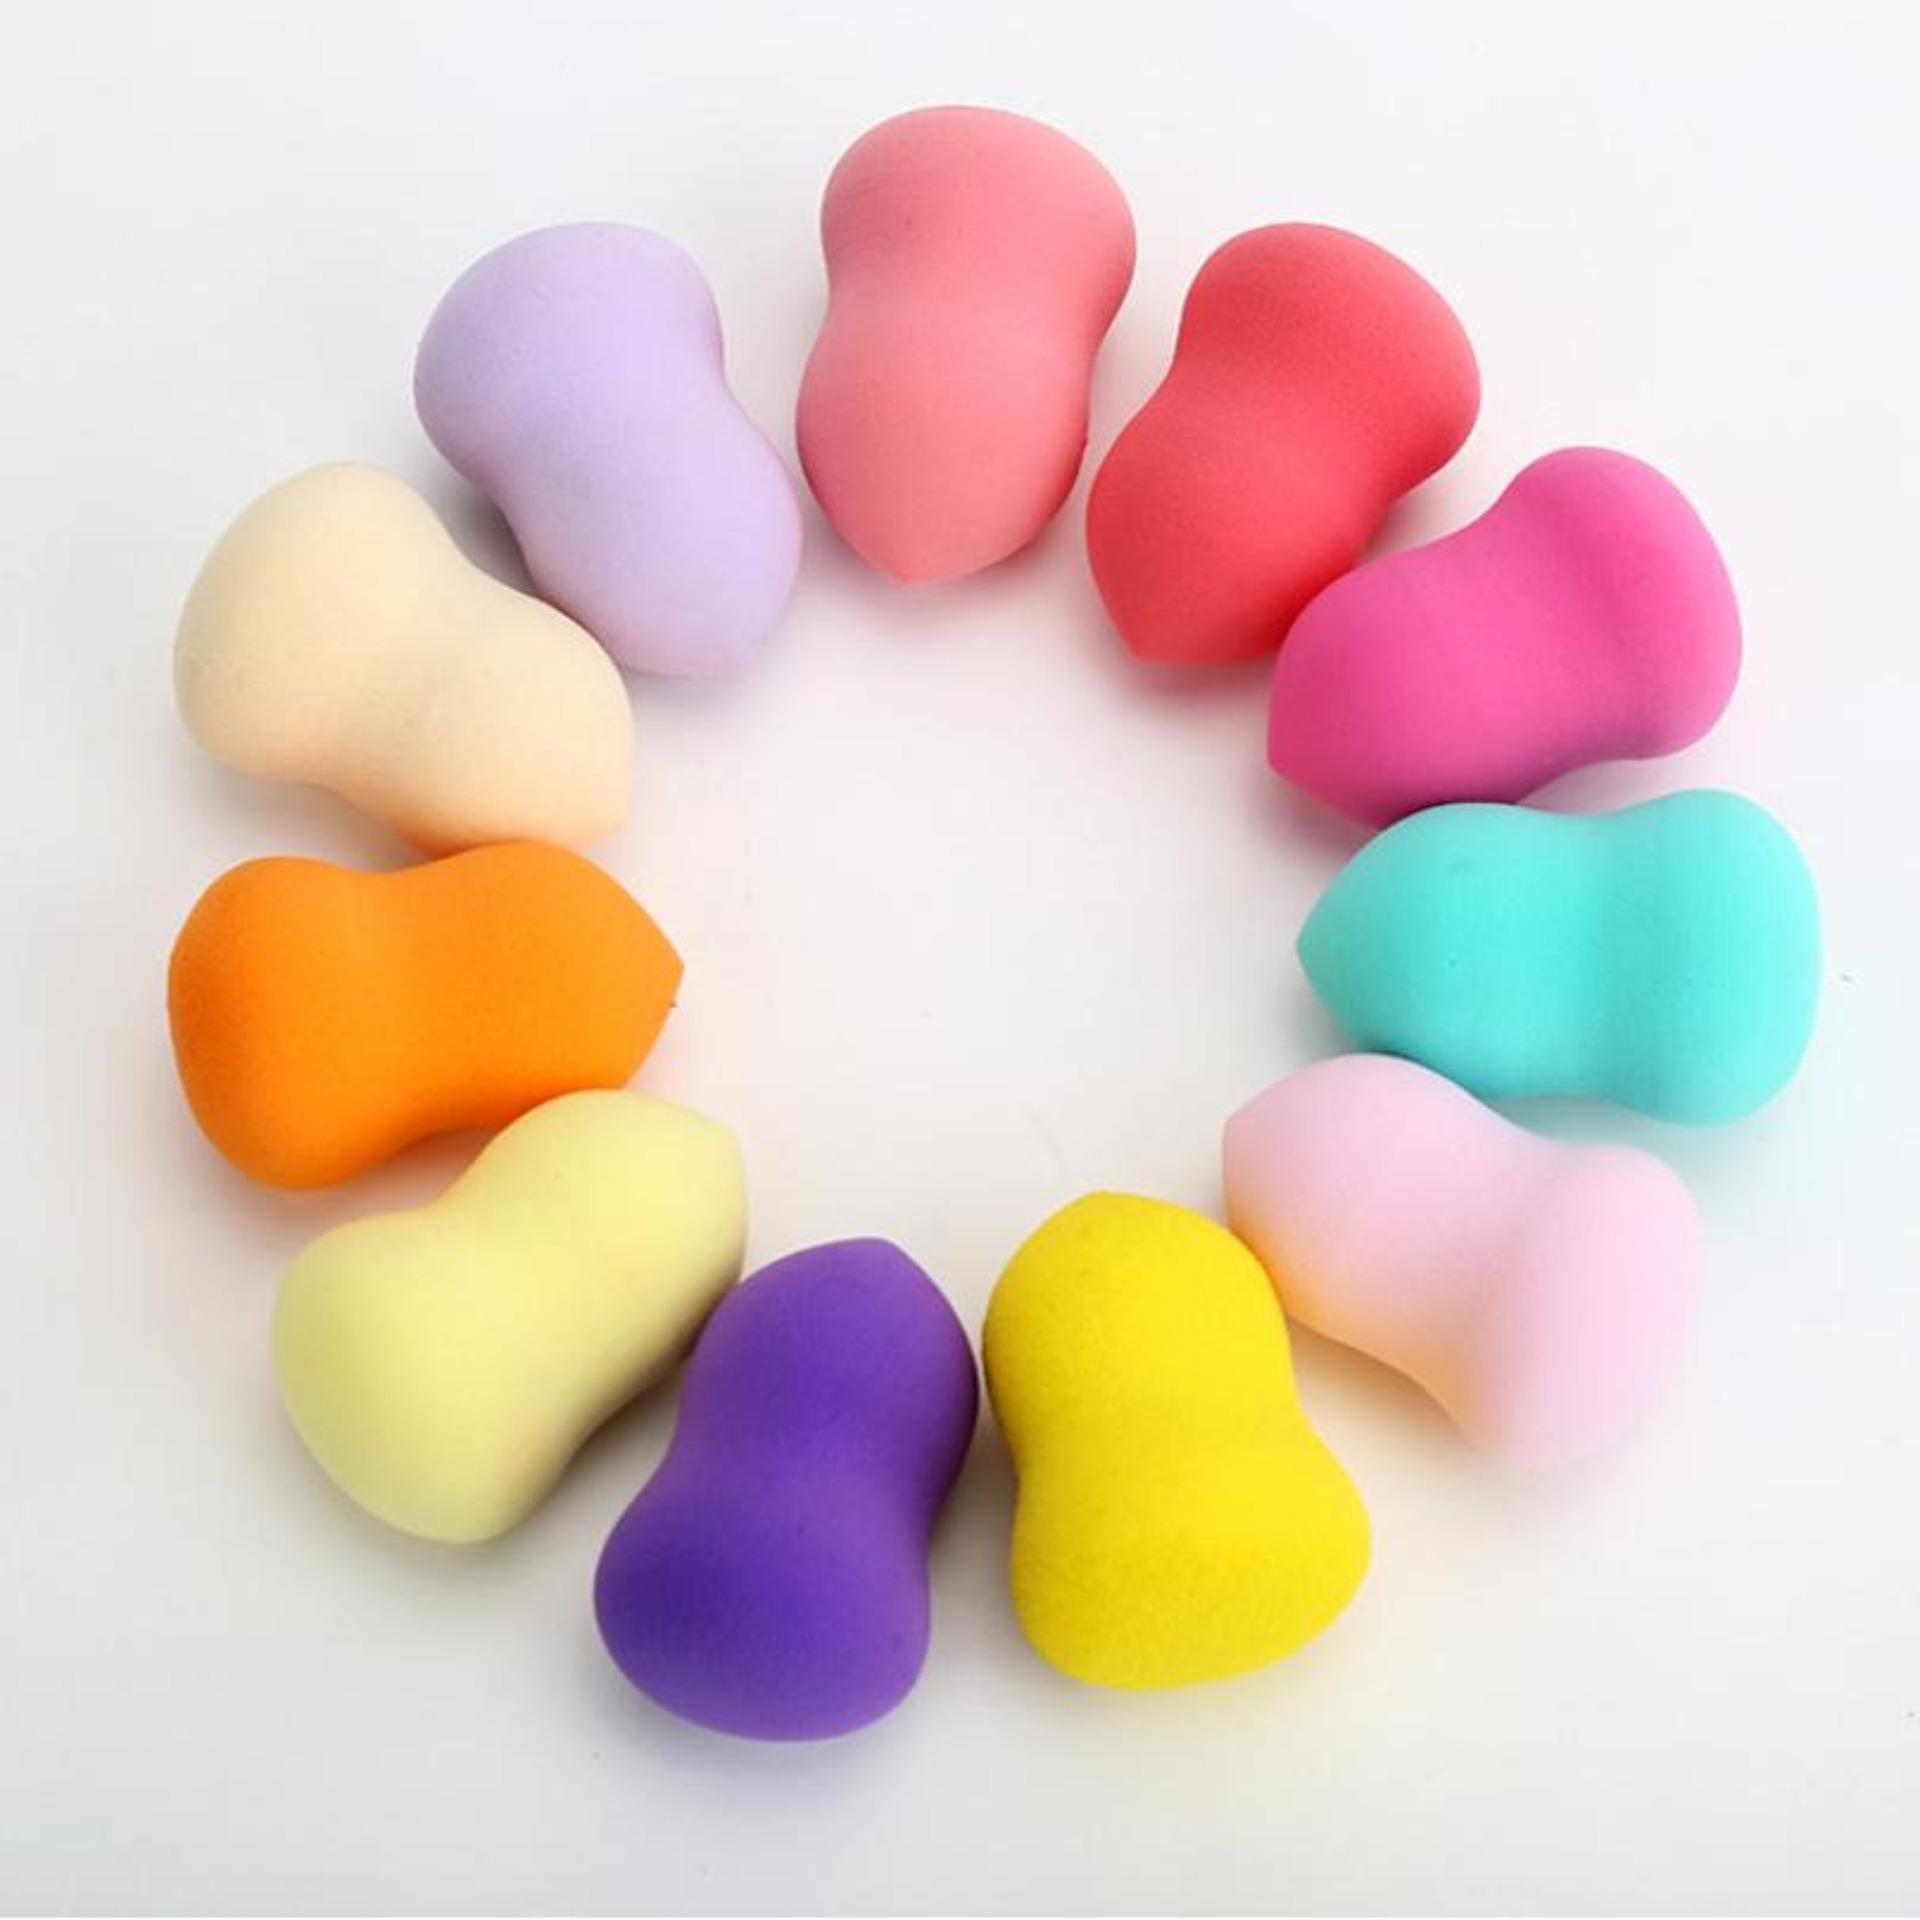 Spons Make UP Spon Sponge Muka Egg Beauty Blender BELI Grosir, Gratis Ongkir!